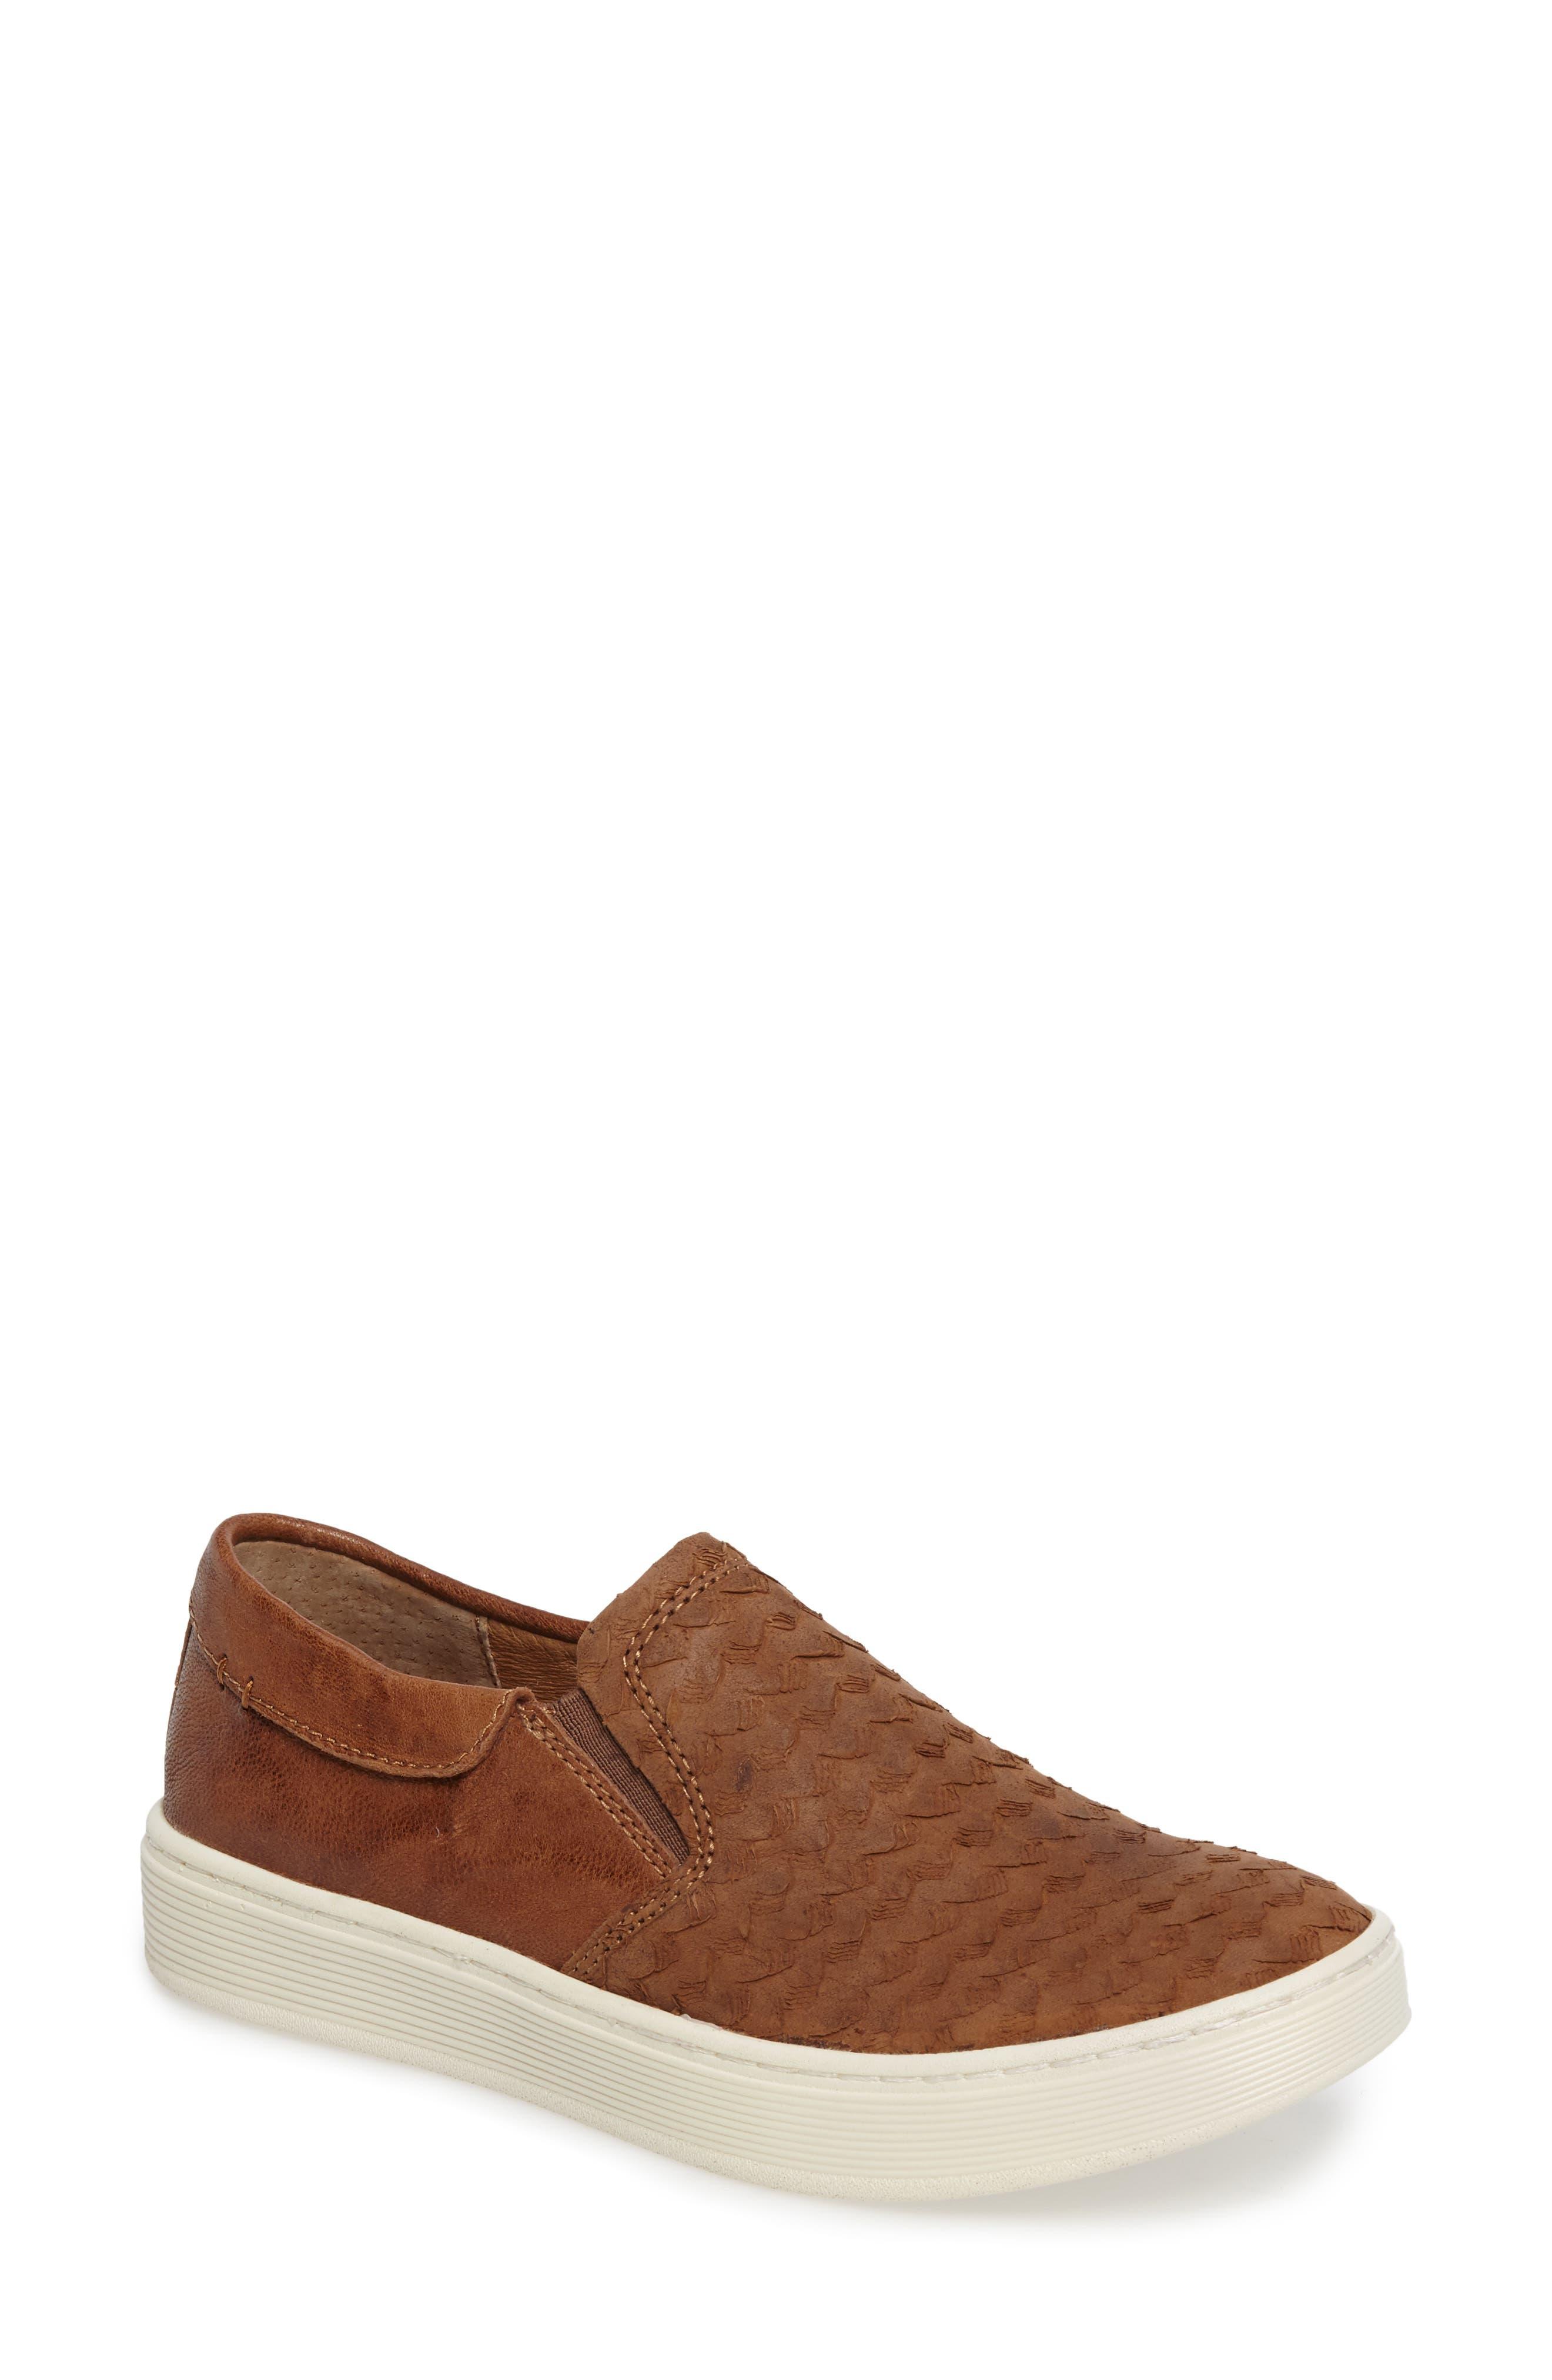 Main Image - Söfft Somers II Slip-on Sneaker (Women)